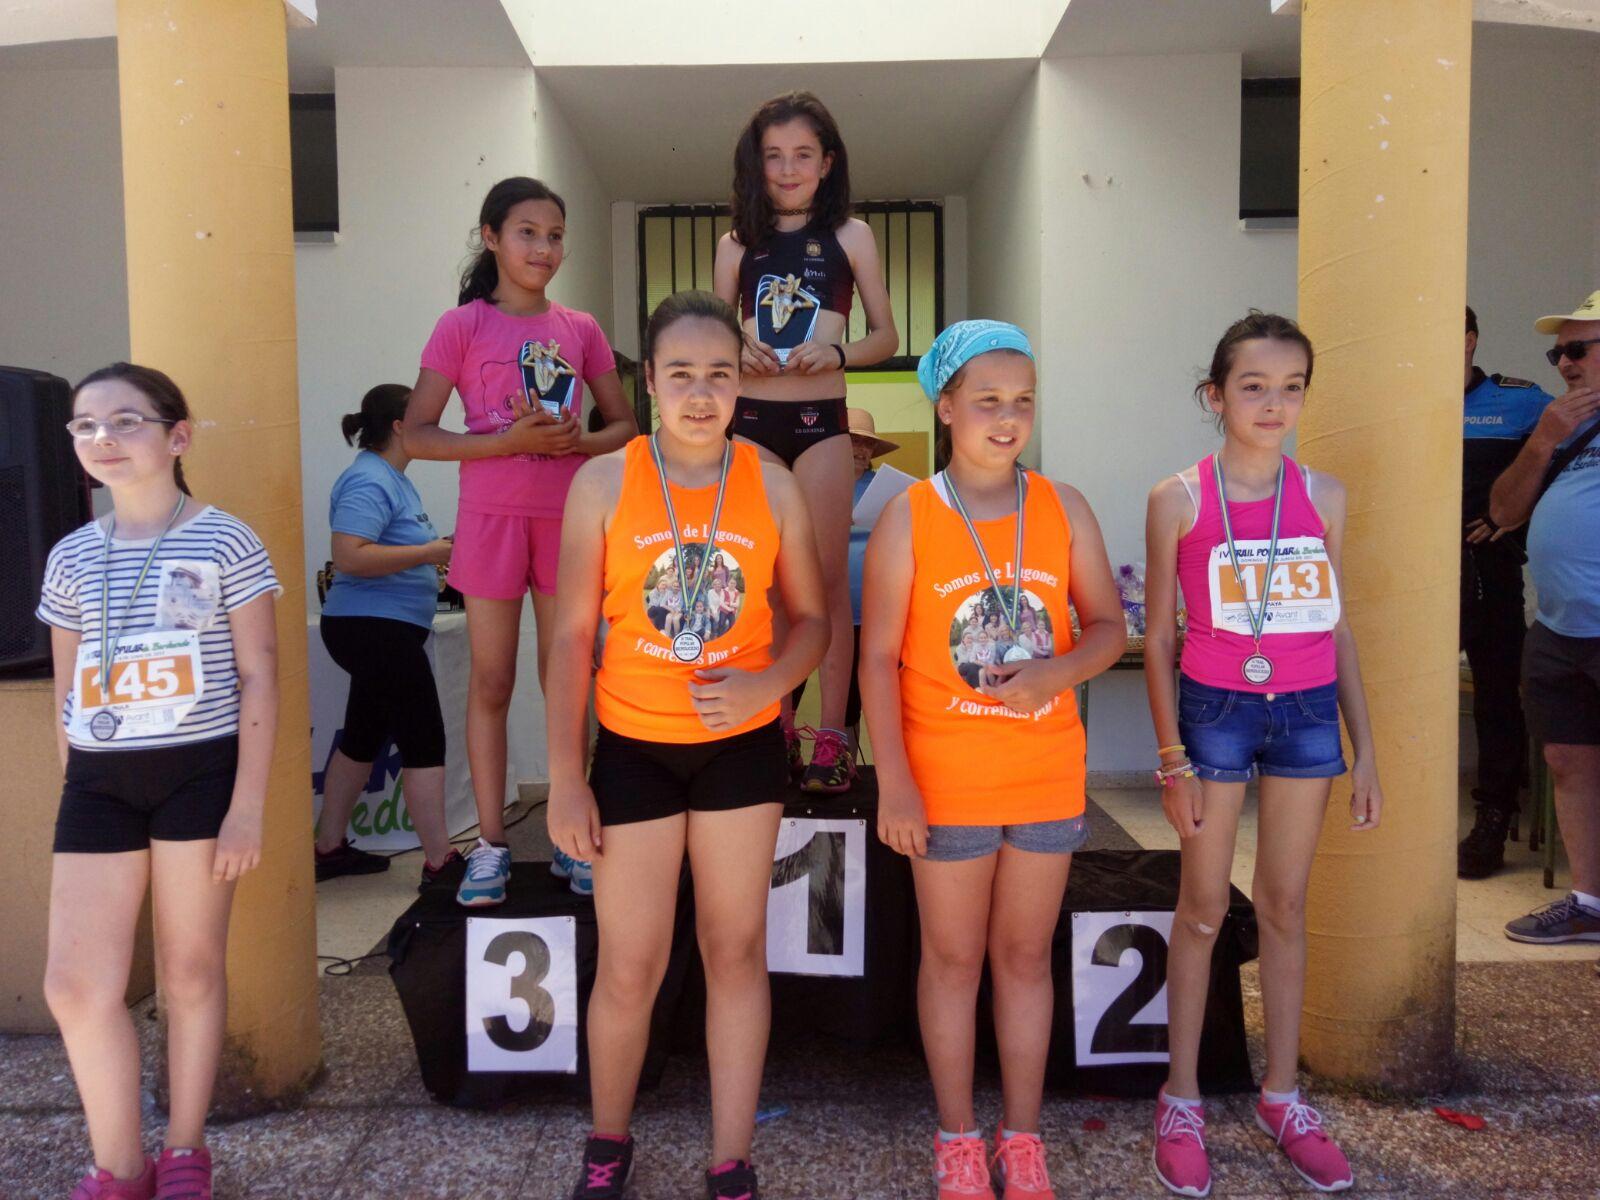 Escolas Deportivas Lourenz Iria Rodr Guez Imponse Disfrutando No  # Muebles Huertas Lourenza